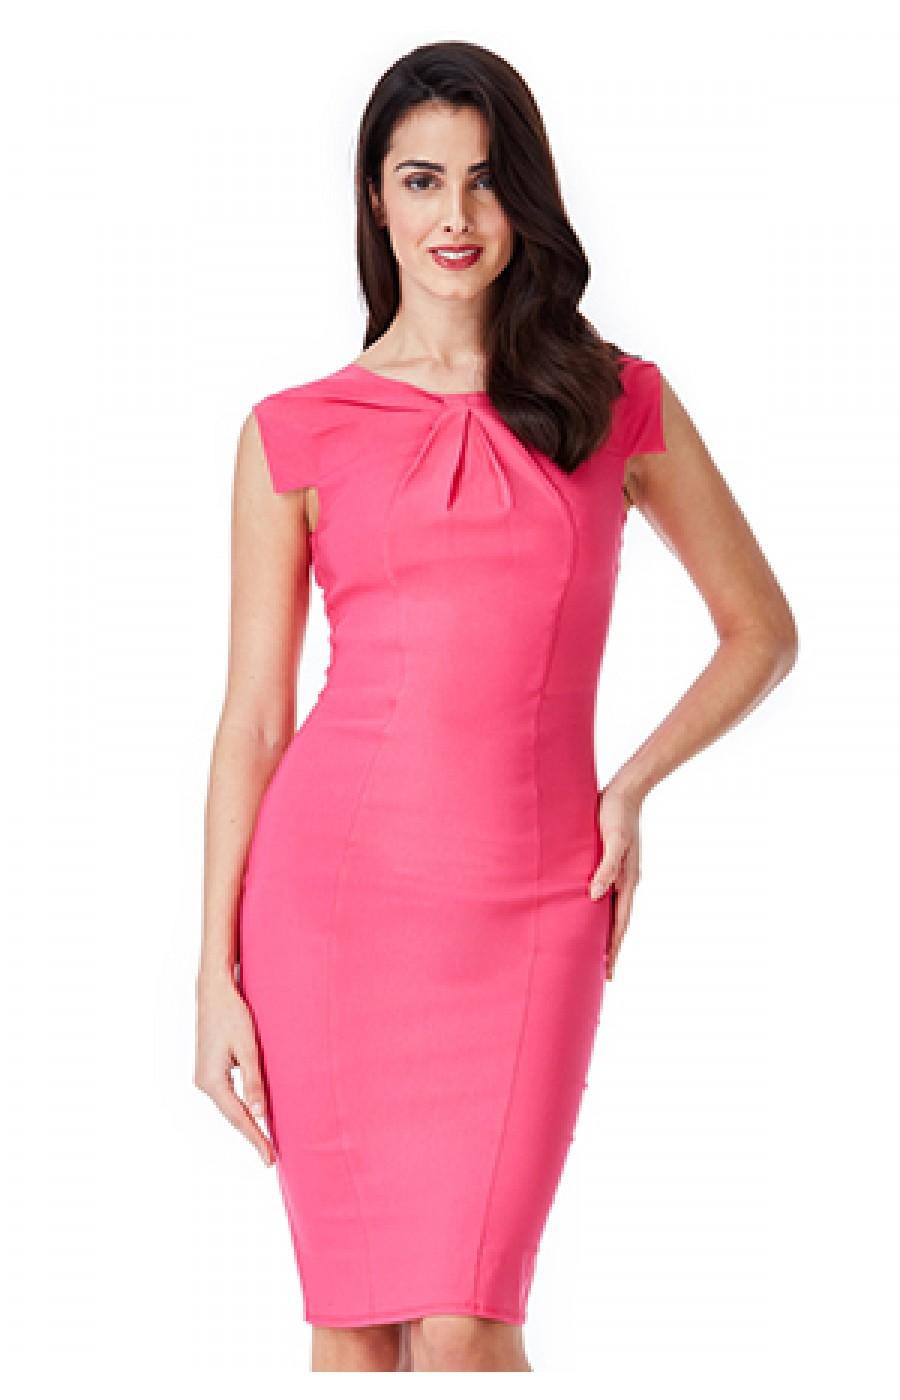 Εφαρμοστό μιντι φόρεμα με κοφτό μανικάκι